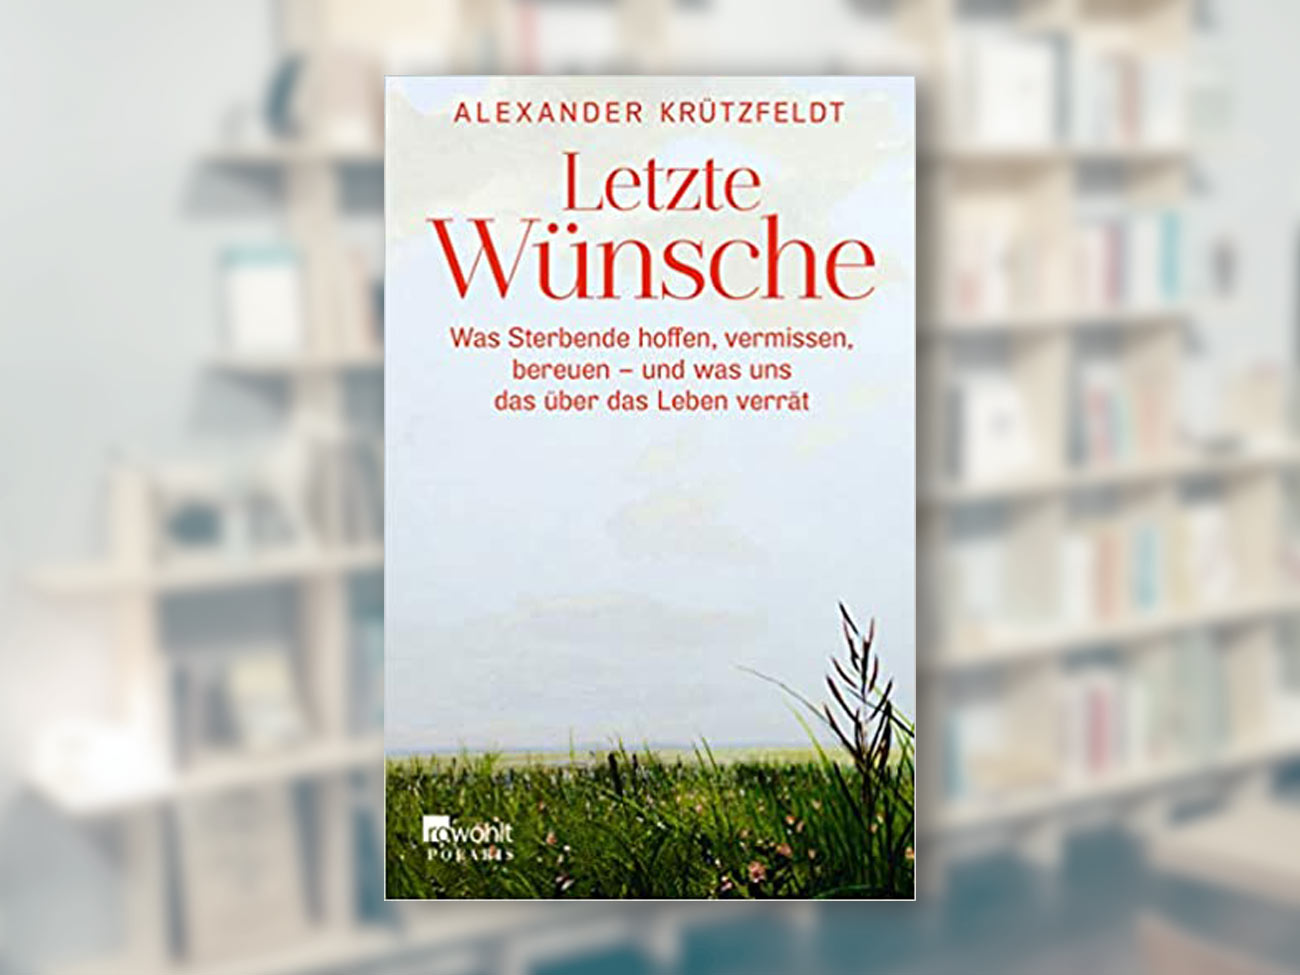 Alexander Krützfeldt, Letzte Wünsche